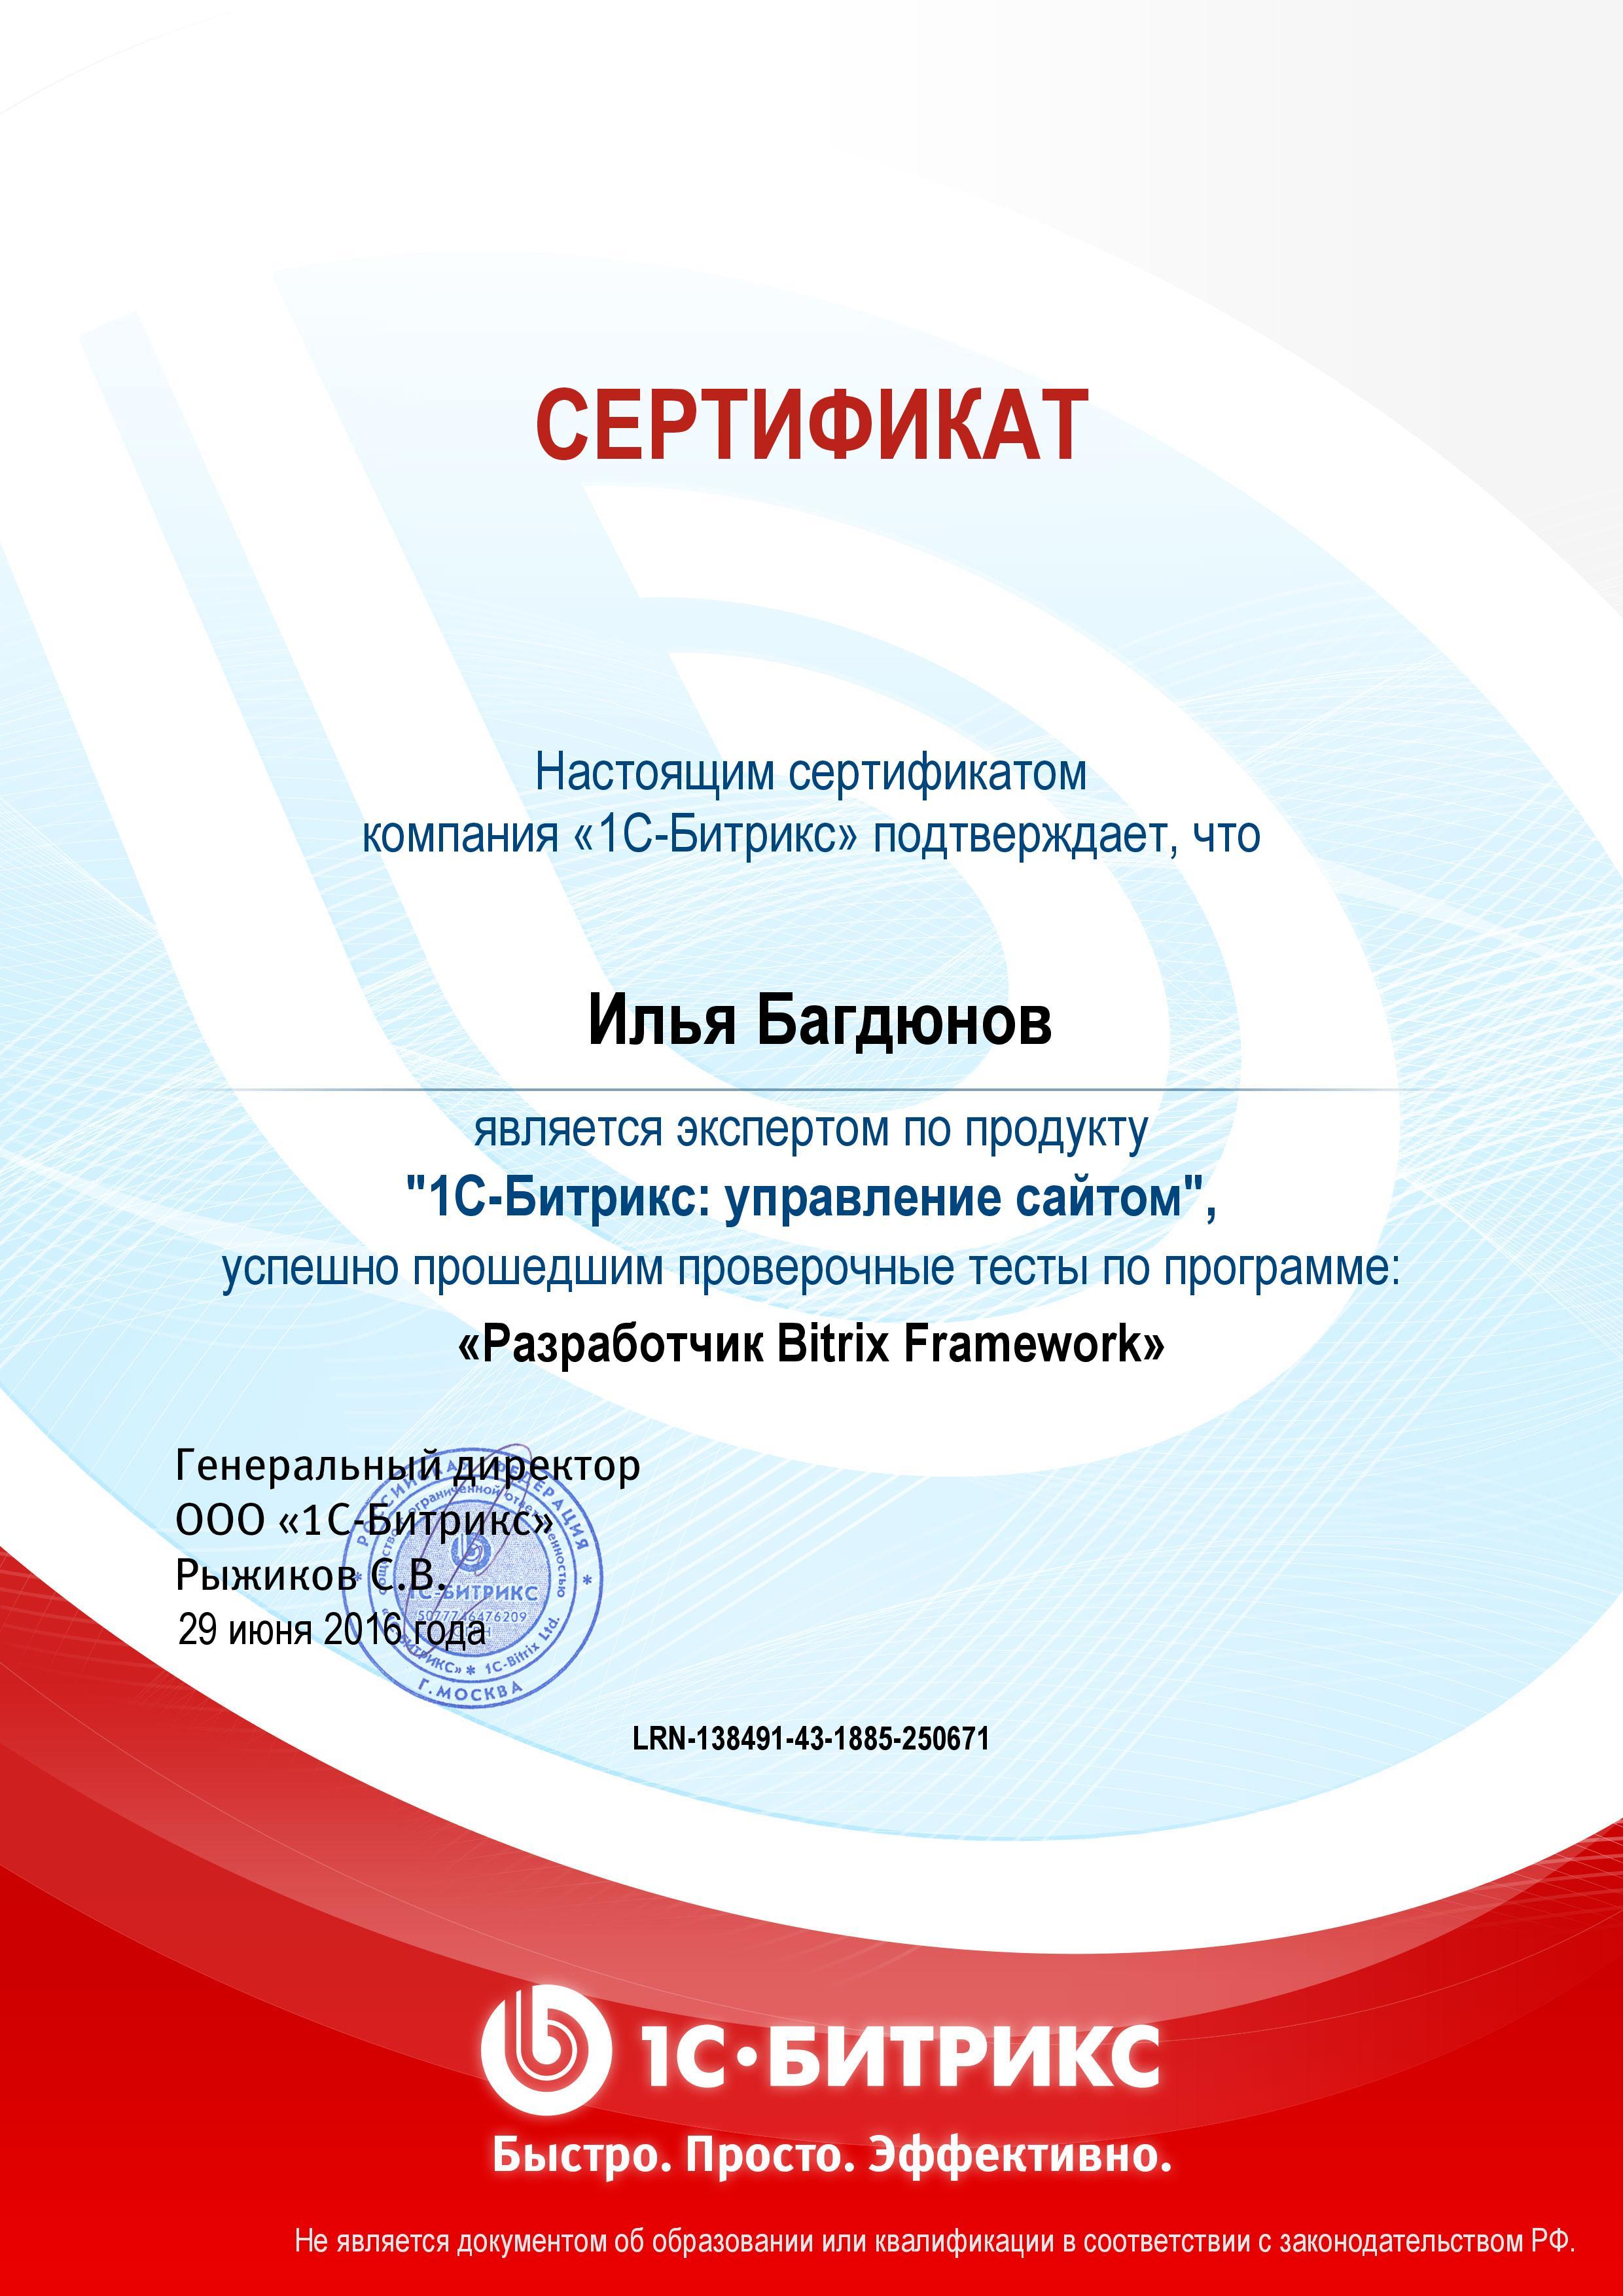 1с битрикс как получить сертификат битрикс форматы даты